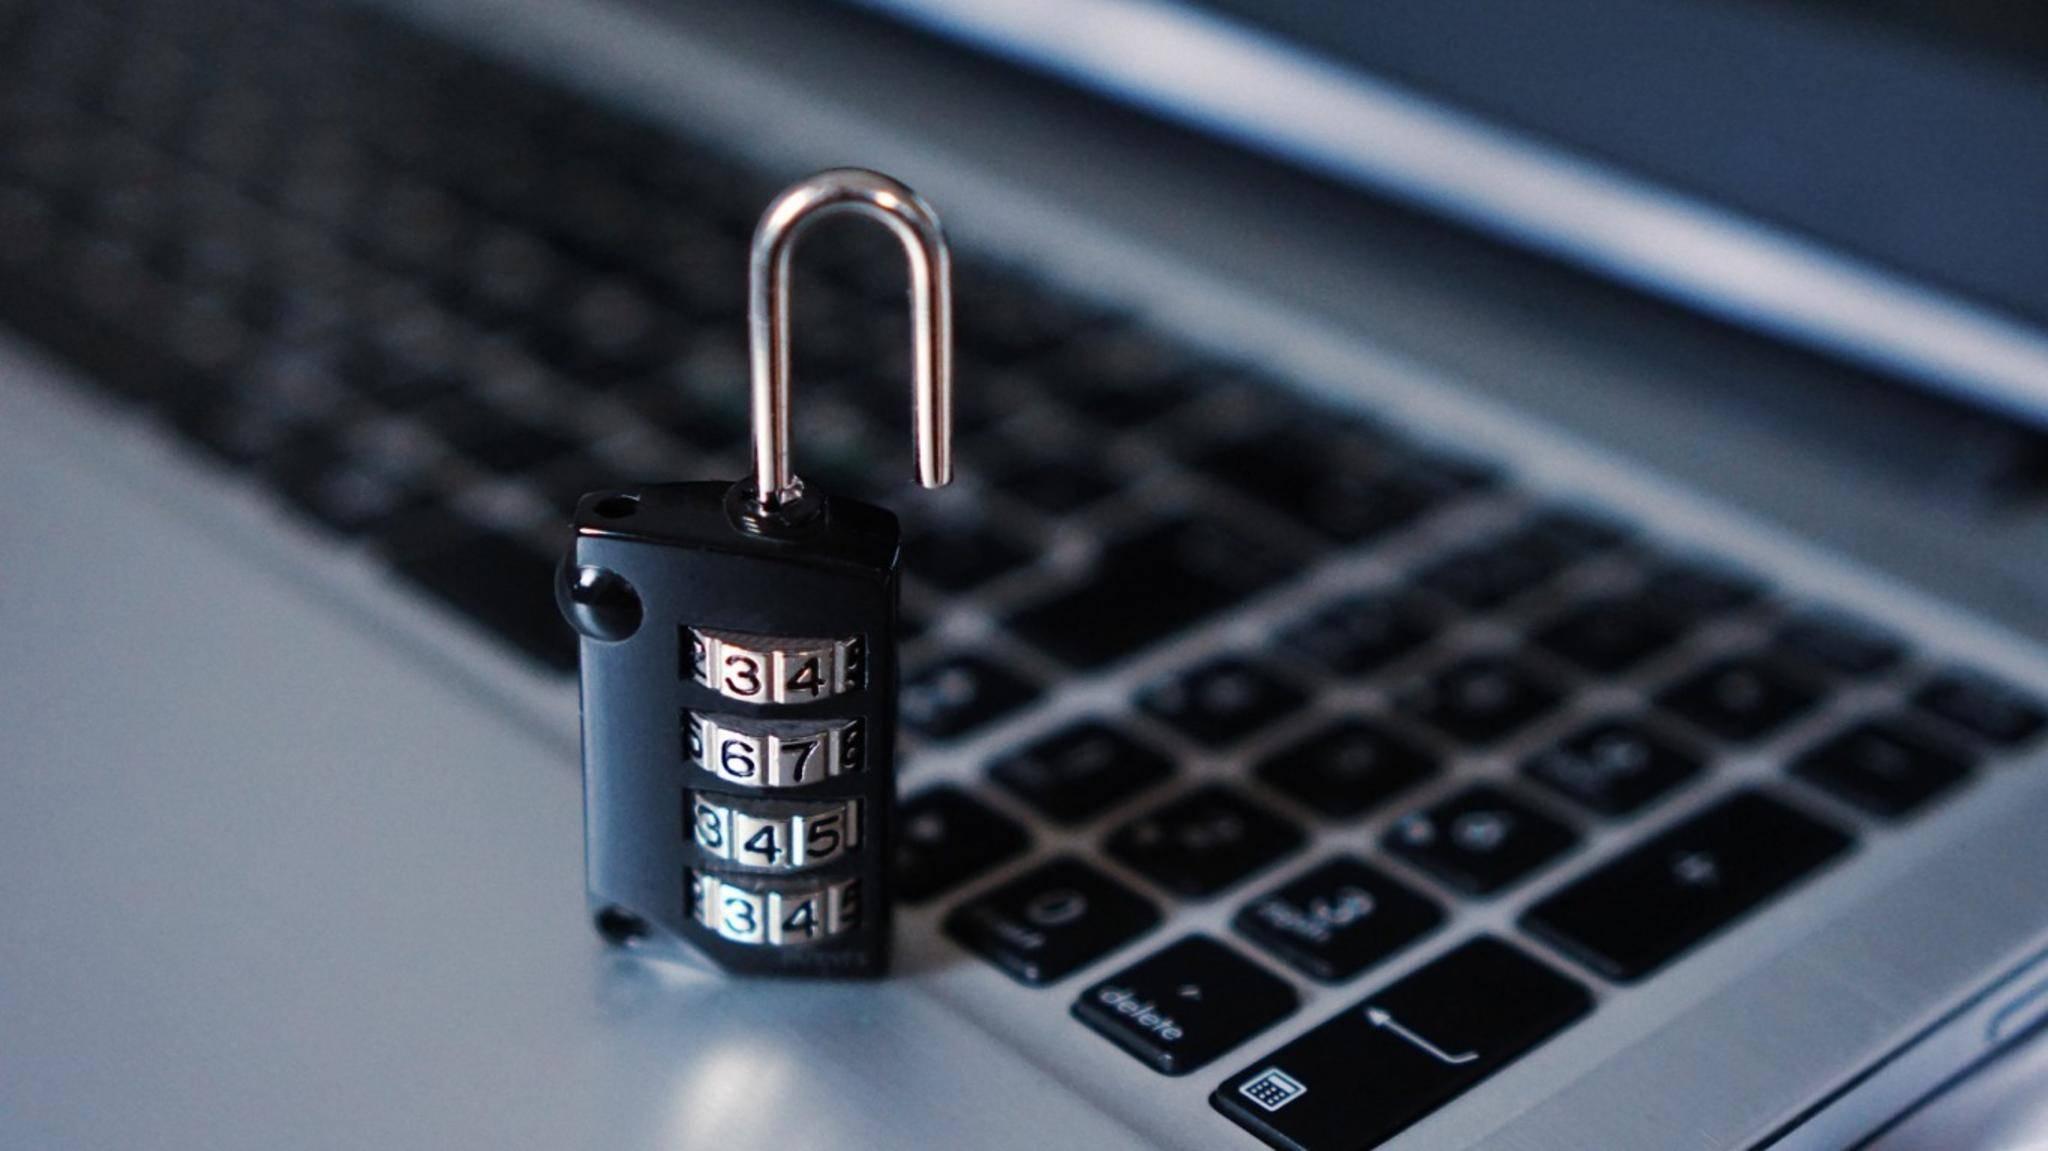 Für mehr Sicherheit und Privatsphäre müssen einige Einstellungen getroffen werden.